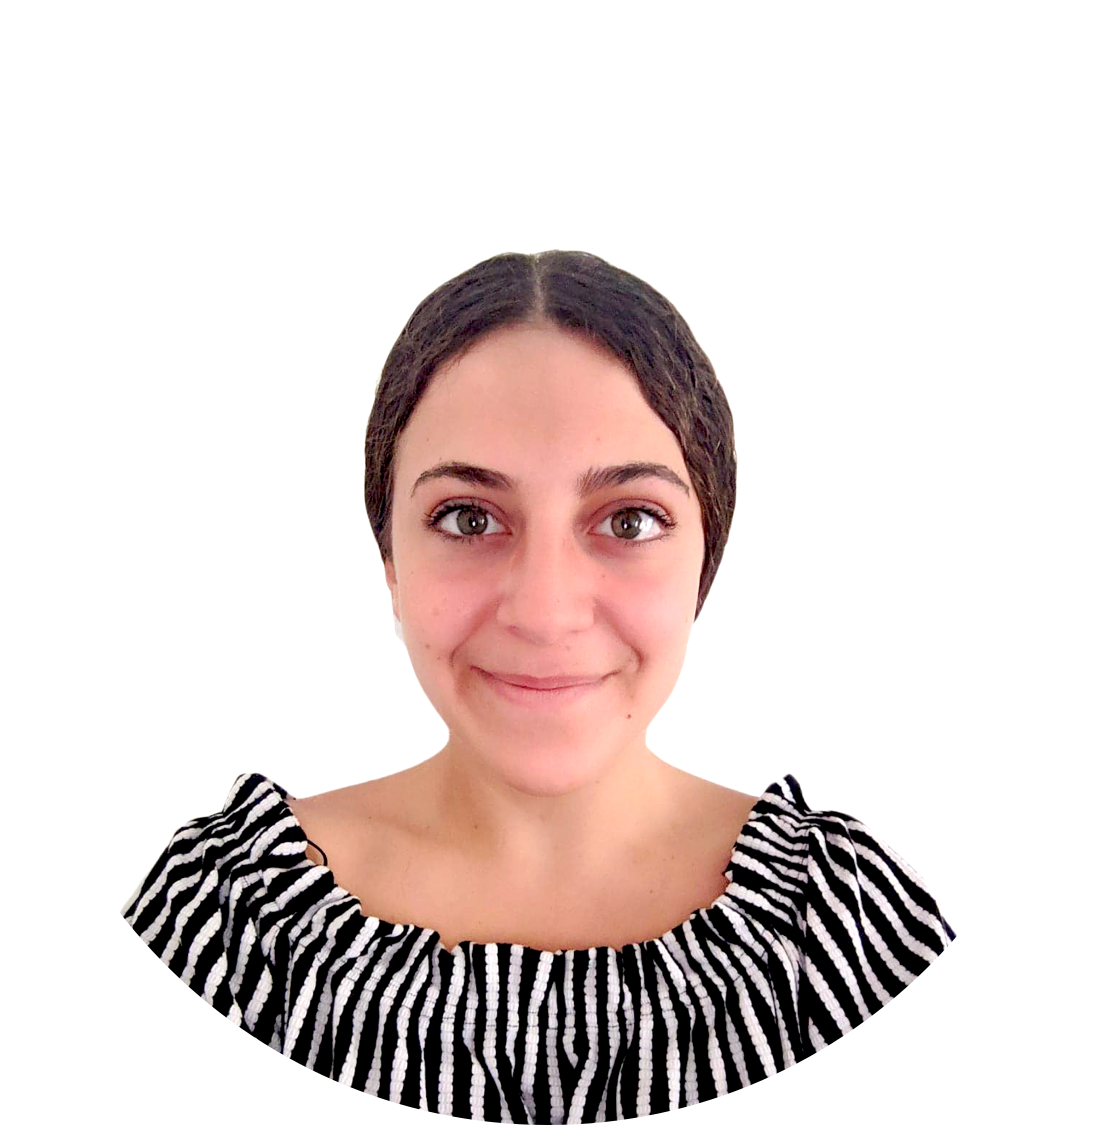 Laetitia Mattioli Nowadays Agency CEO